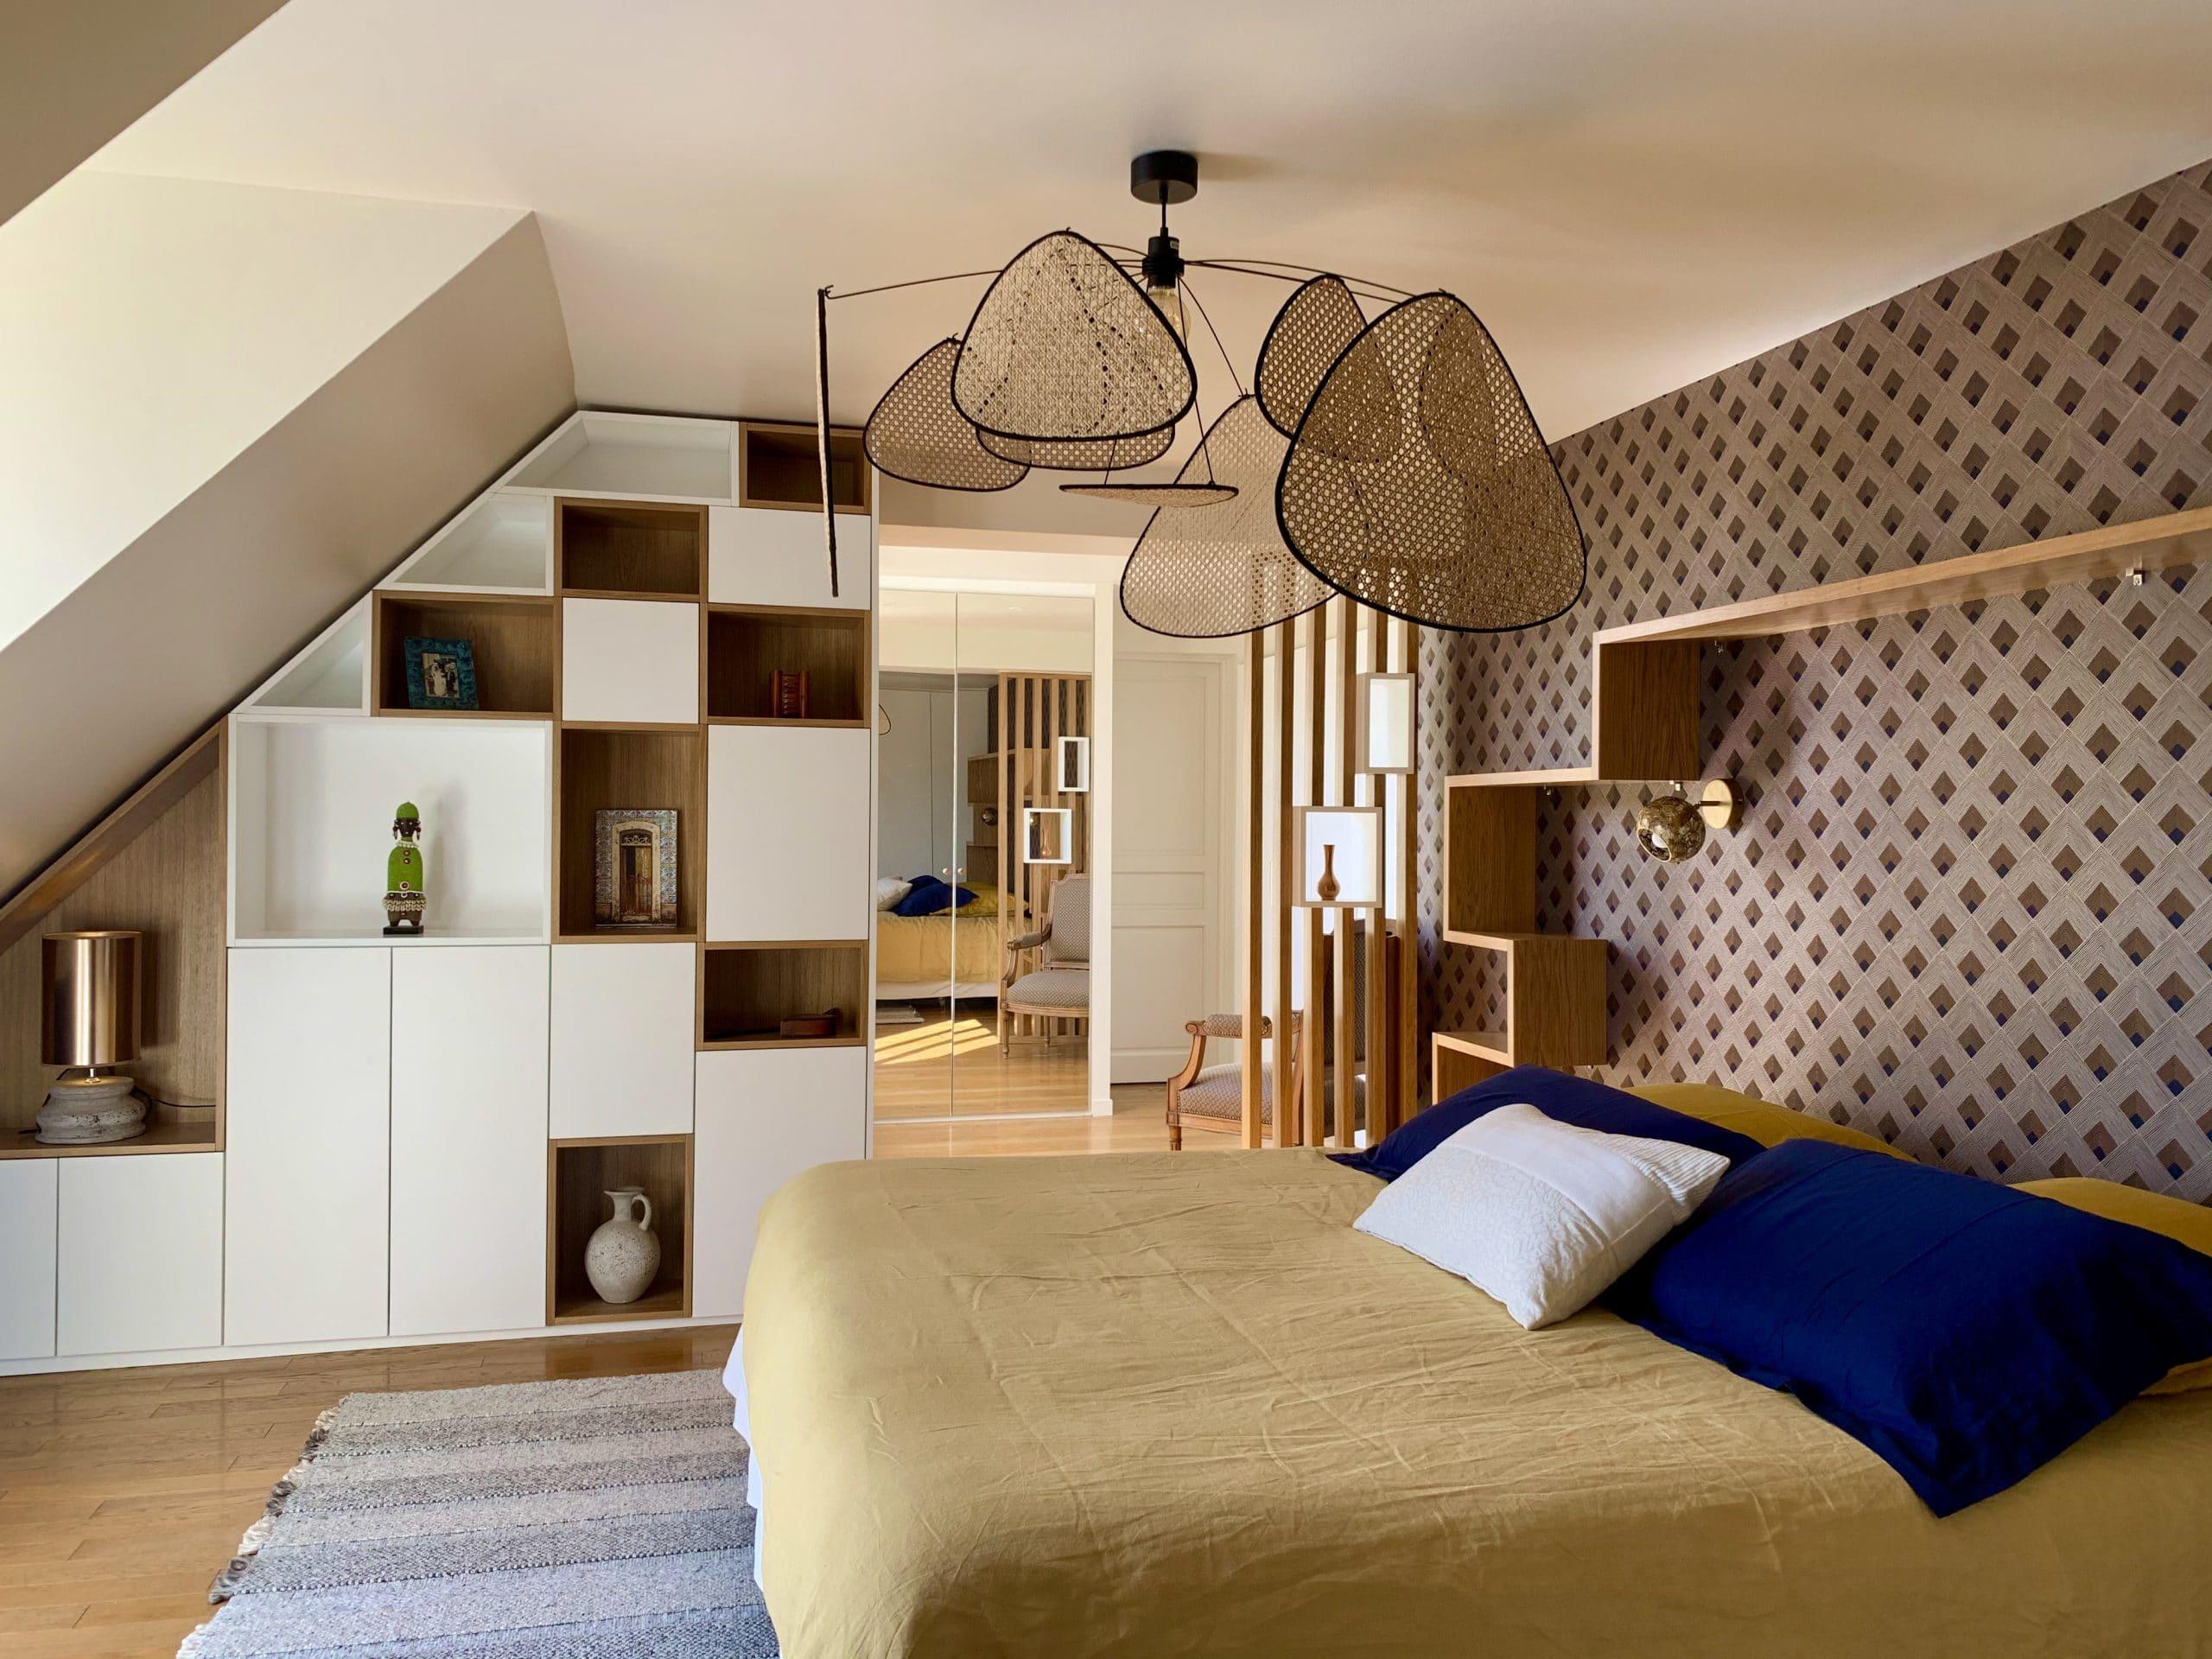 chambre lit 180 claustra mélanine blanc et chêne, tapis, screen, dressing, bibliothèque sous pente, Casamance, murs bleus